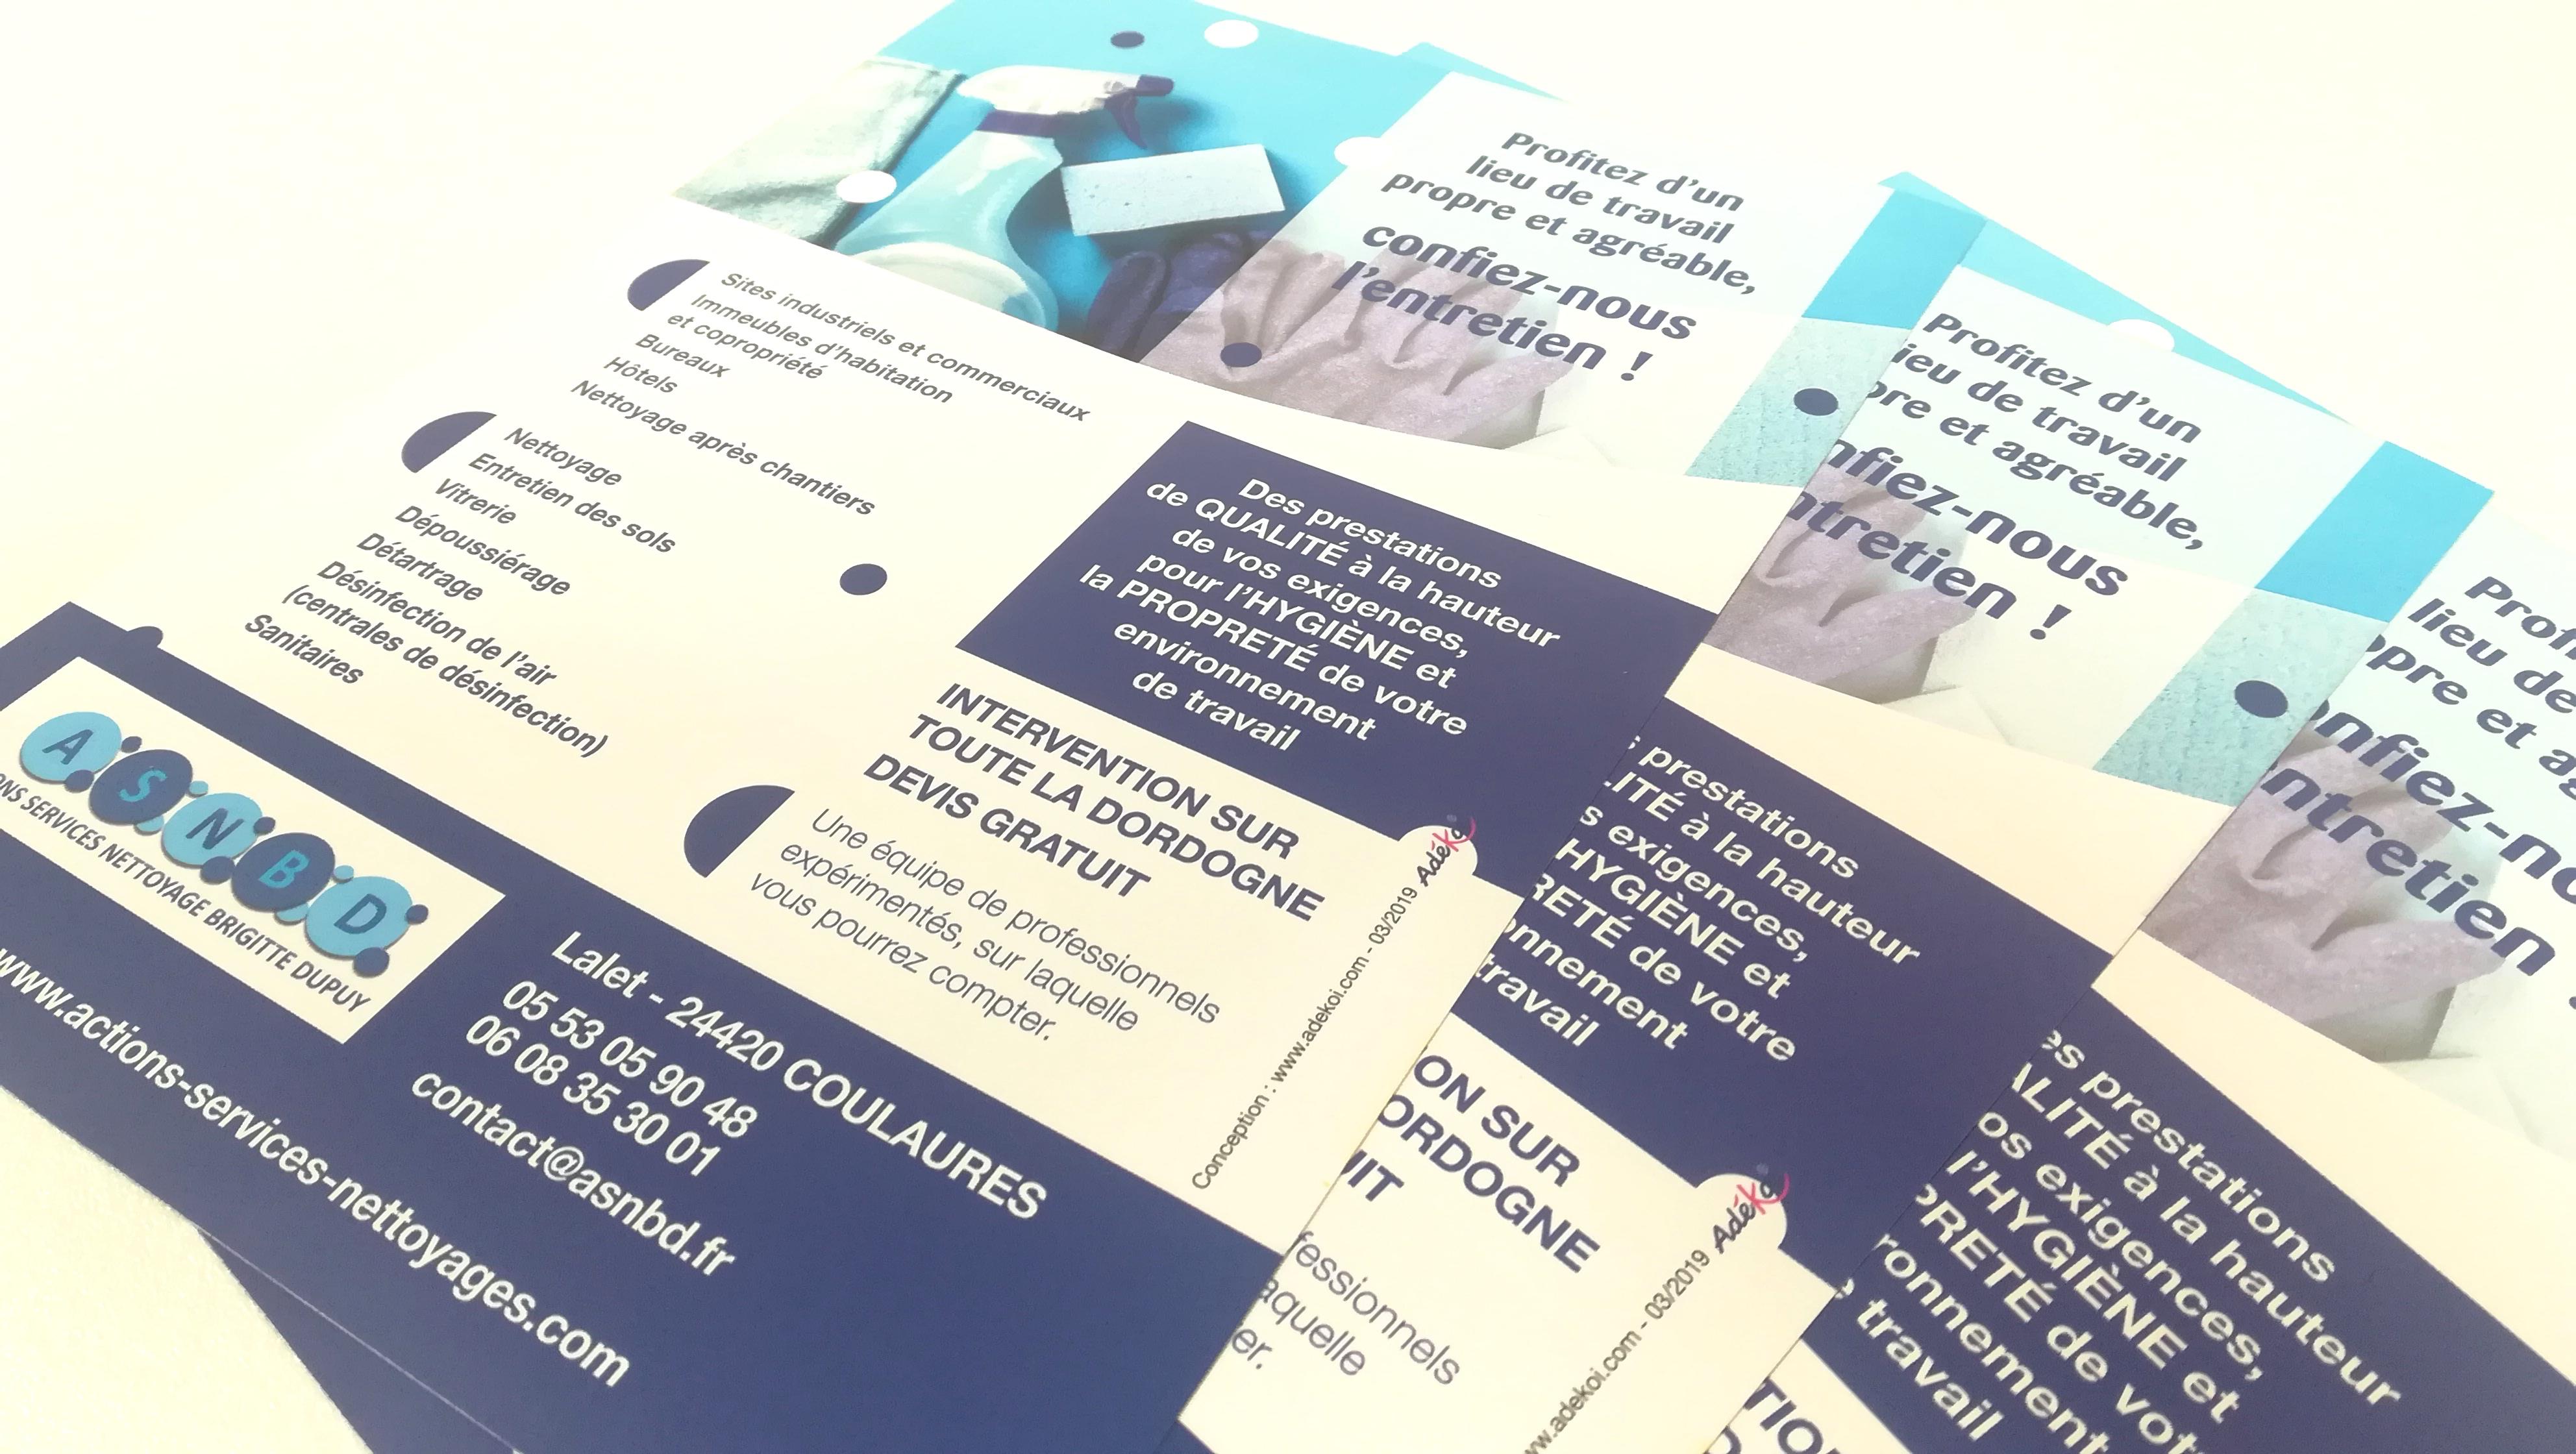 creation-flyer-services-de-nettoyage-asnbd-perigueux